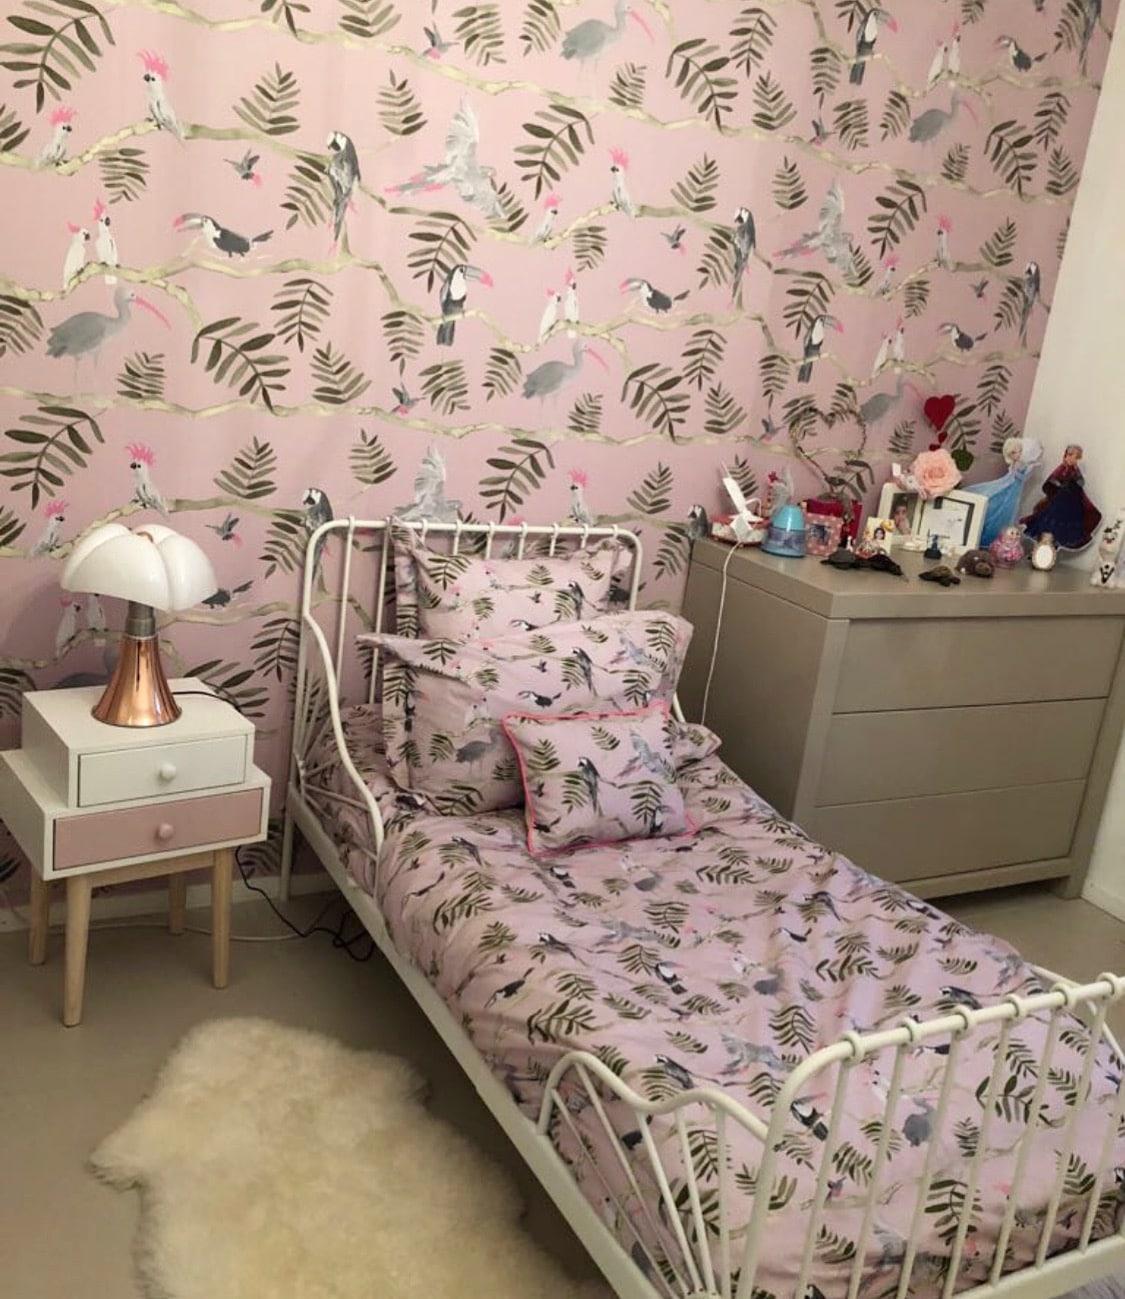 housse de couette les oiseaux de la jungle rose et grise kariokas. Black Bedroom Furniture Sets. Home Design Ideas